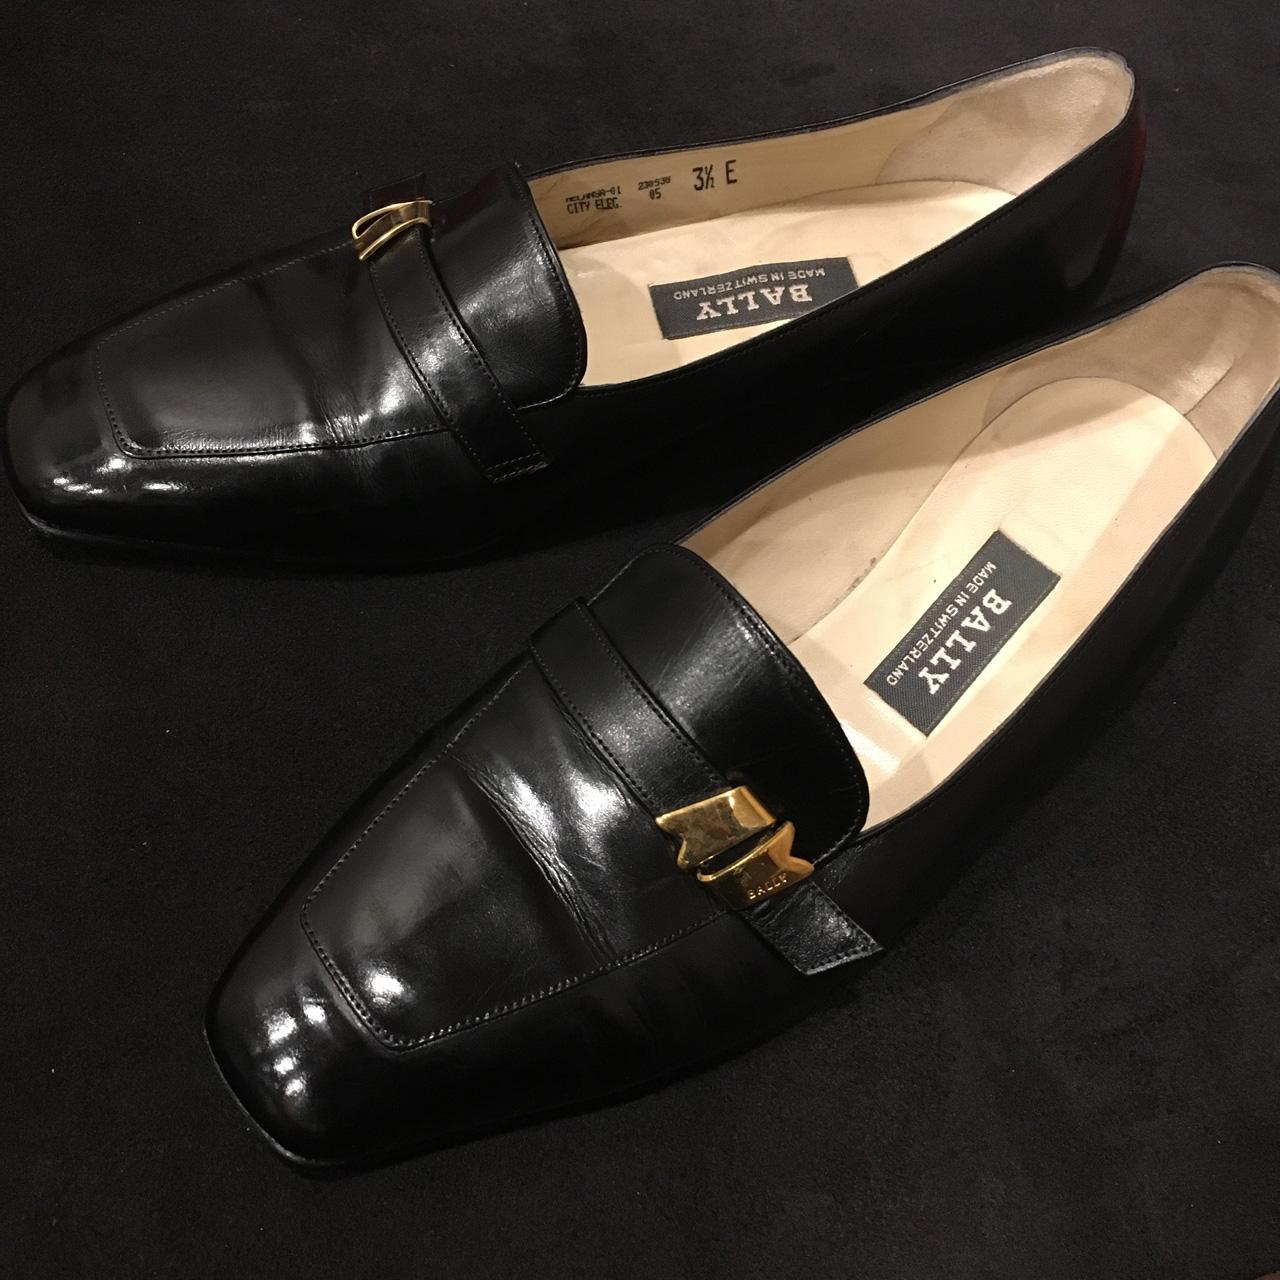 バリーのヒール交換と靴磨きを行いました